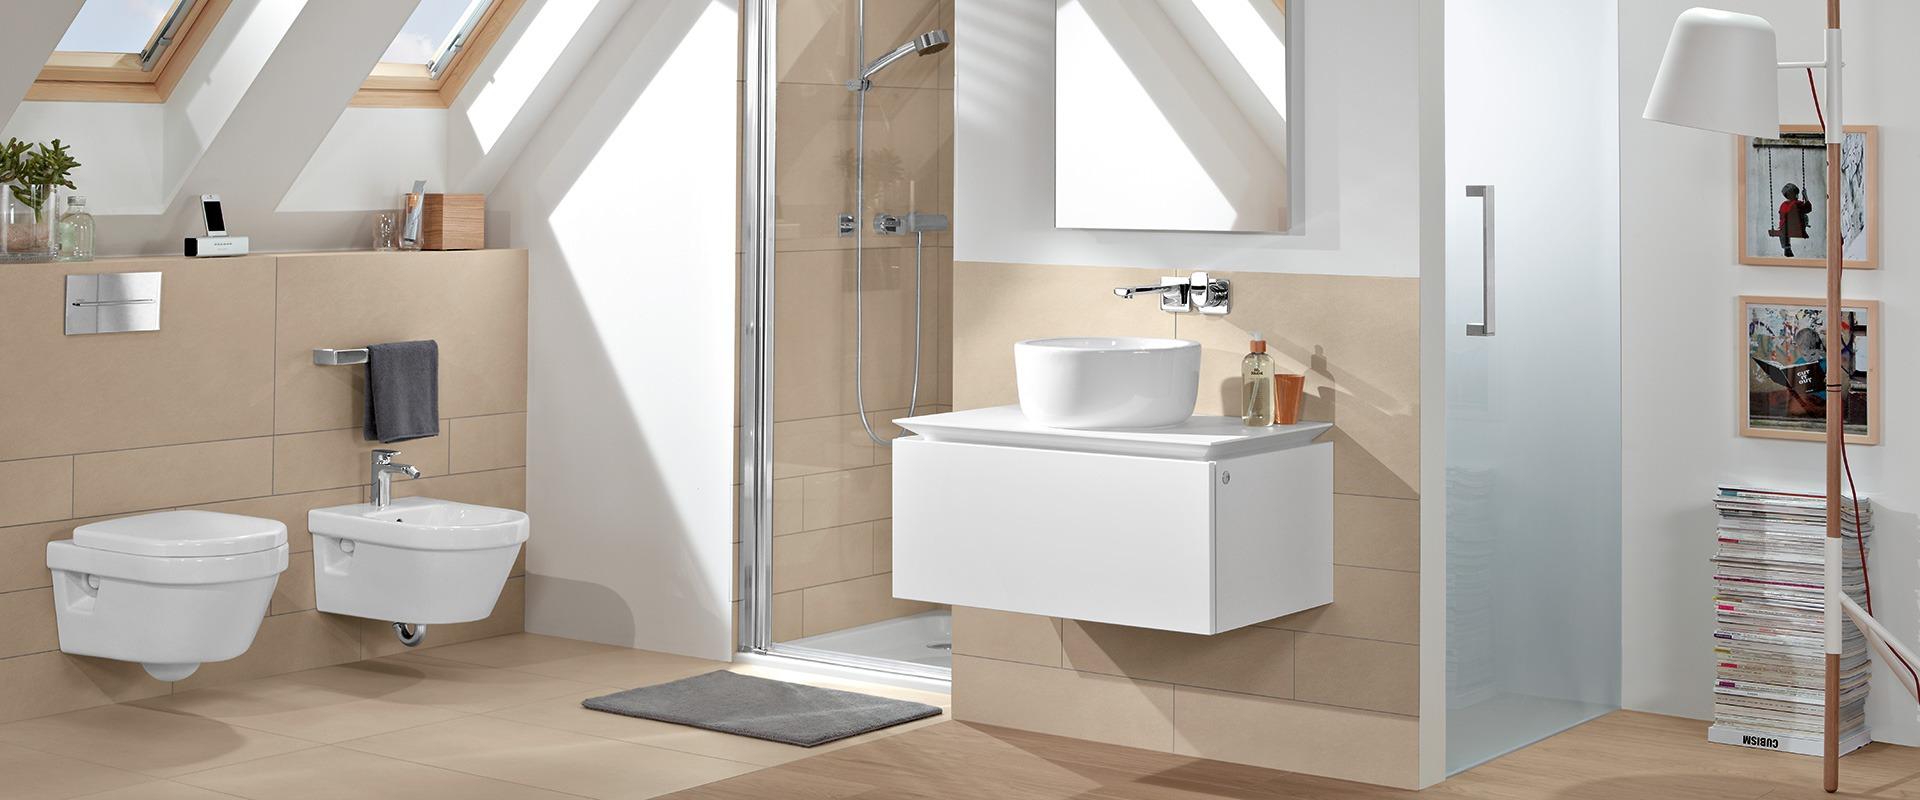 villeroyboch architectura sanitair